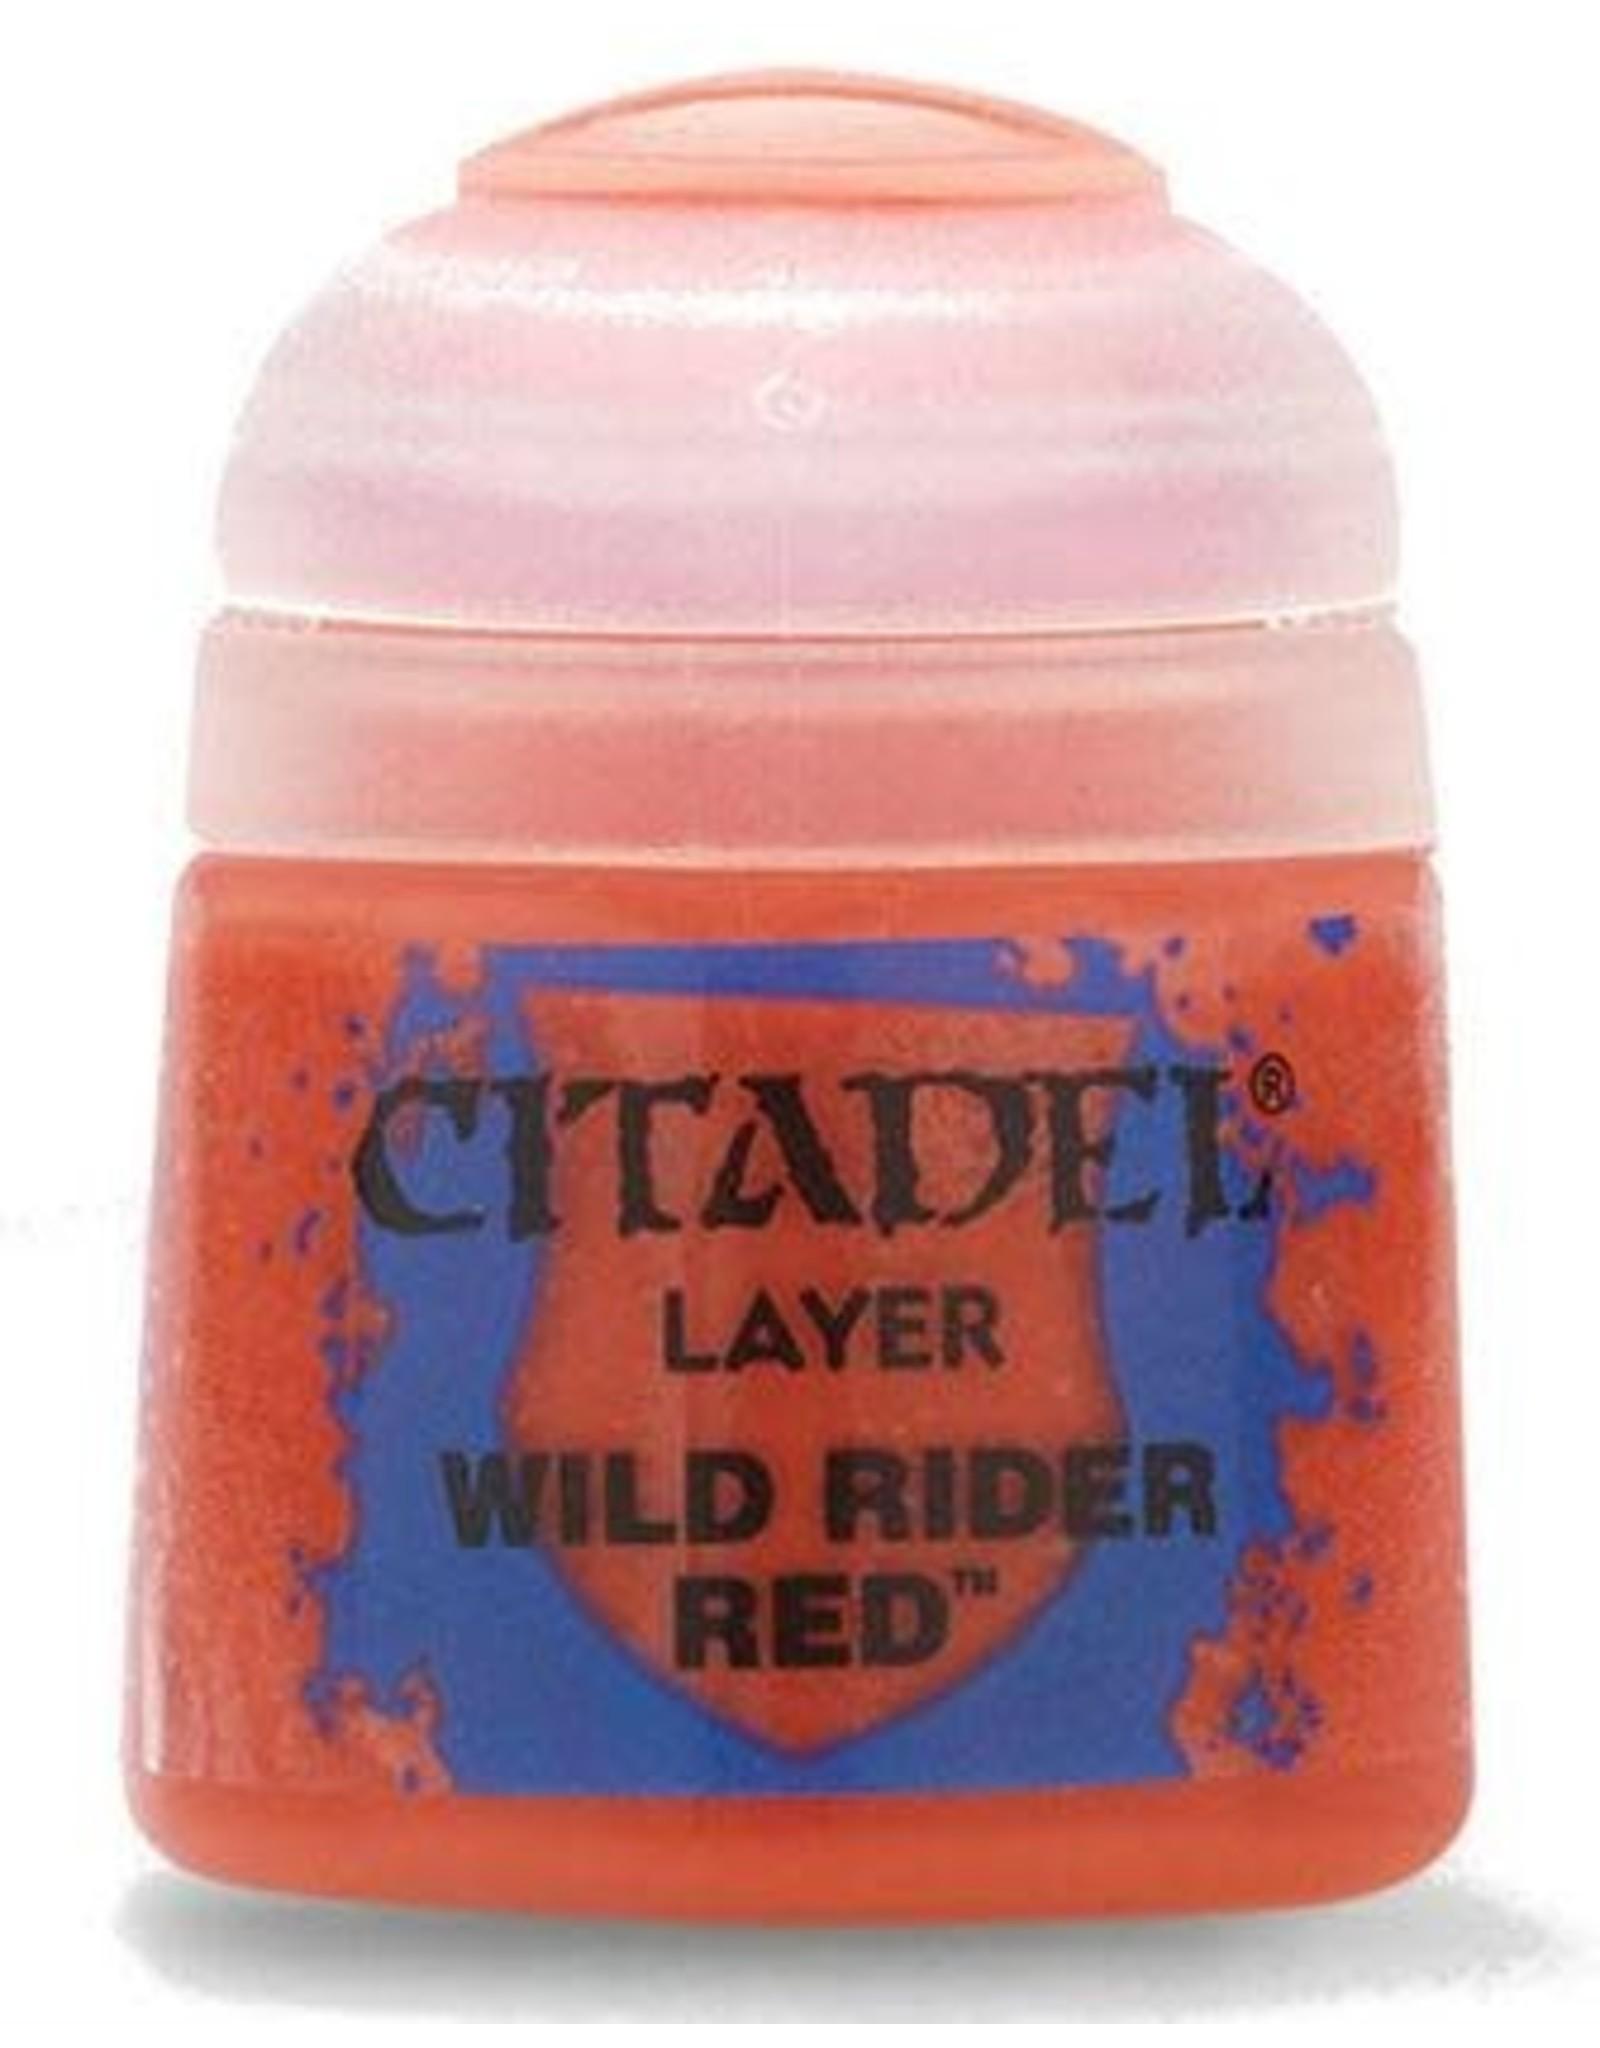 Games Workshop Citadel Paint: Wild Rider Red 12ml